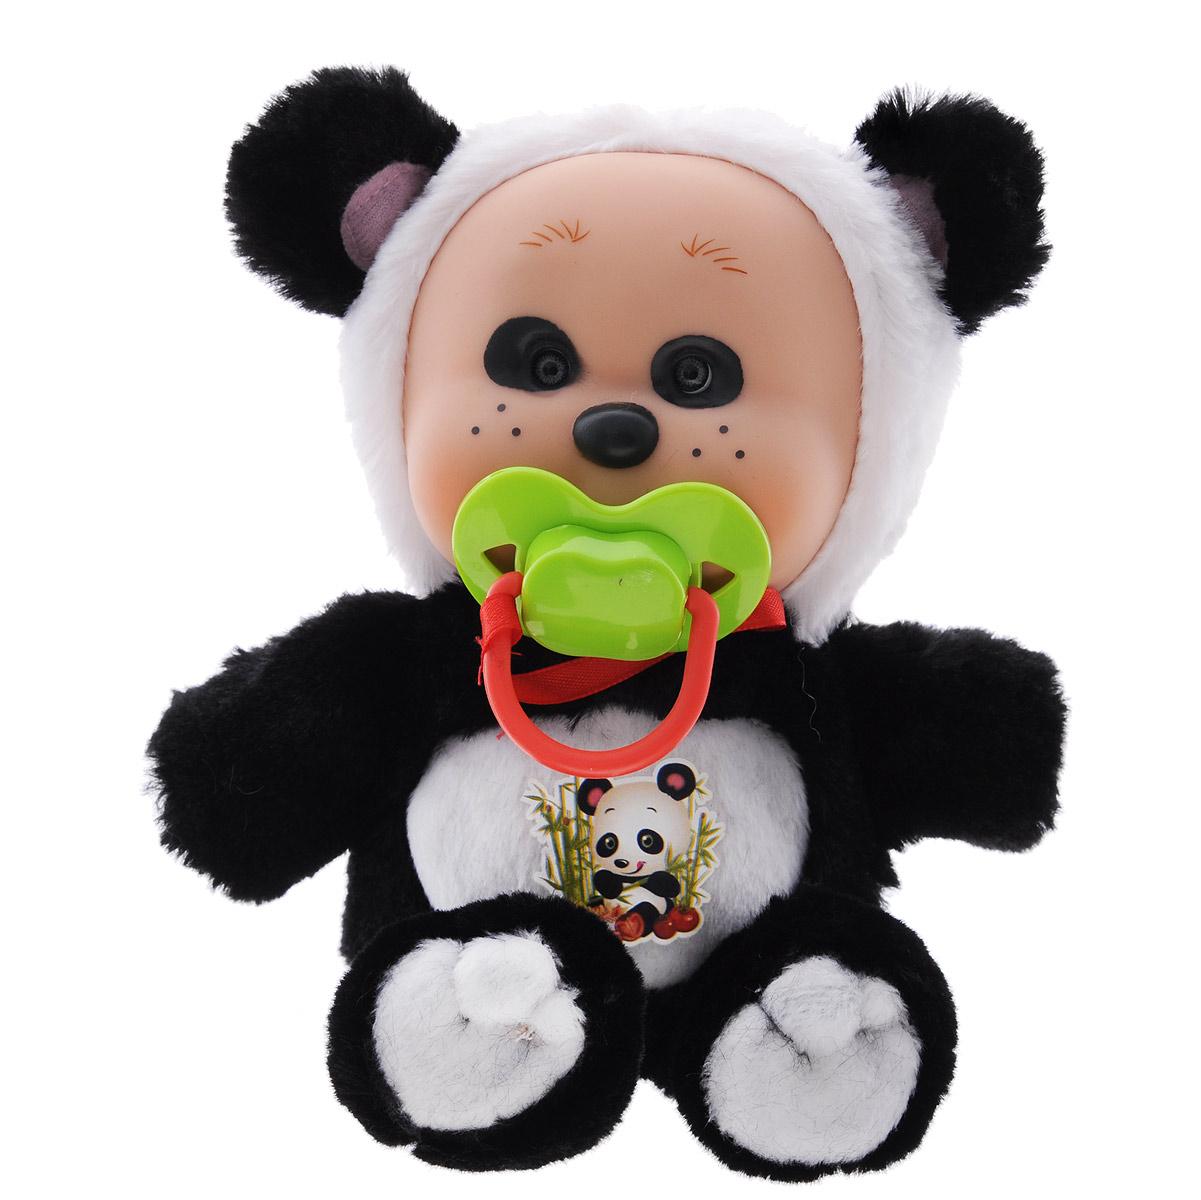 Yogurtinis Мягкая игрушка Лесные друзья Панда Ли